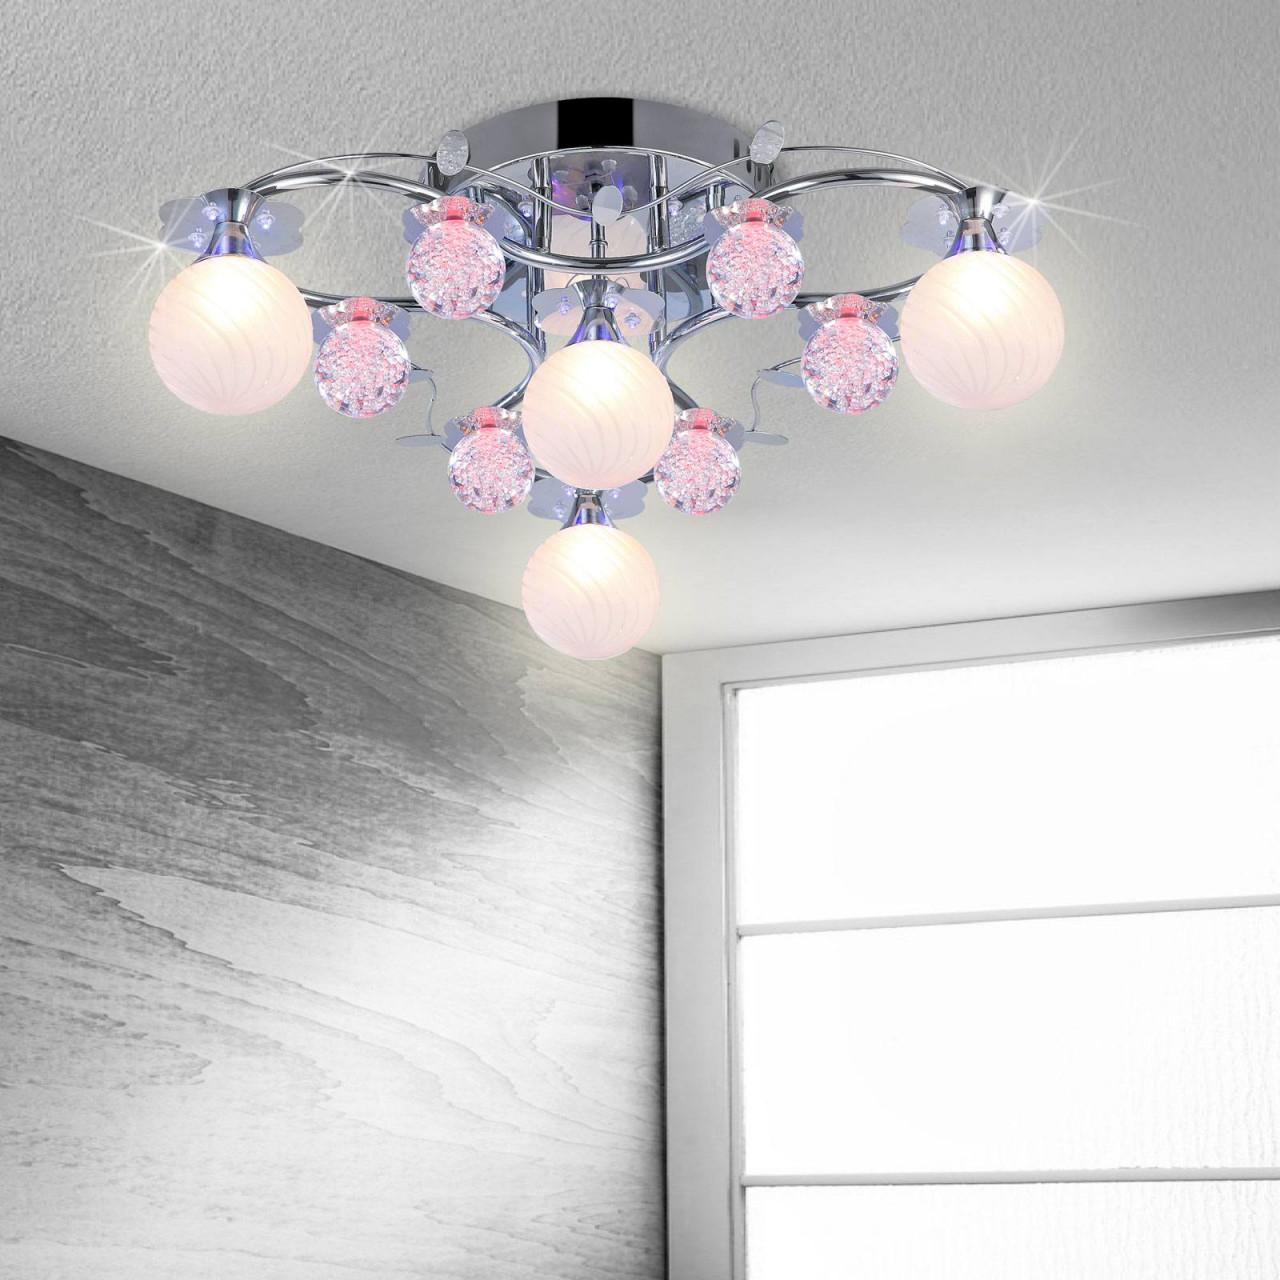 Led Deckenlampe Wohnzimmer Schlafzimmer Leuchte Farbwechsel 4 Flammig von Deckenlampe Für Wohnzimmer Photo